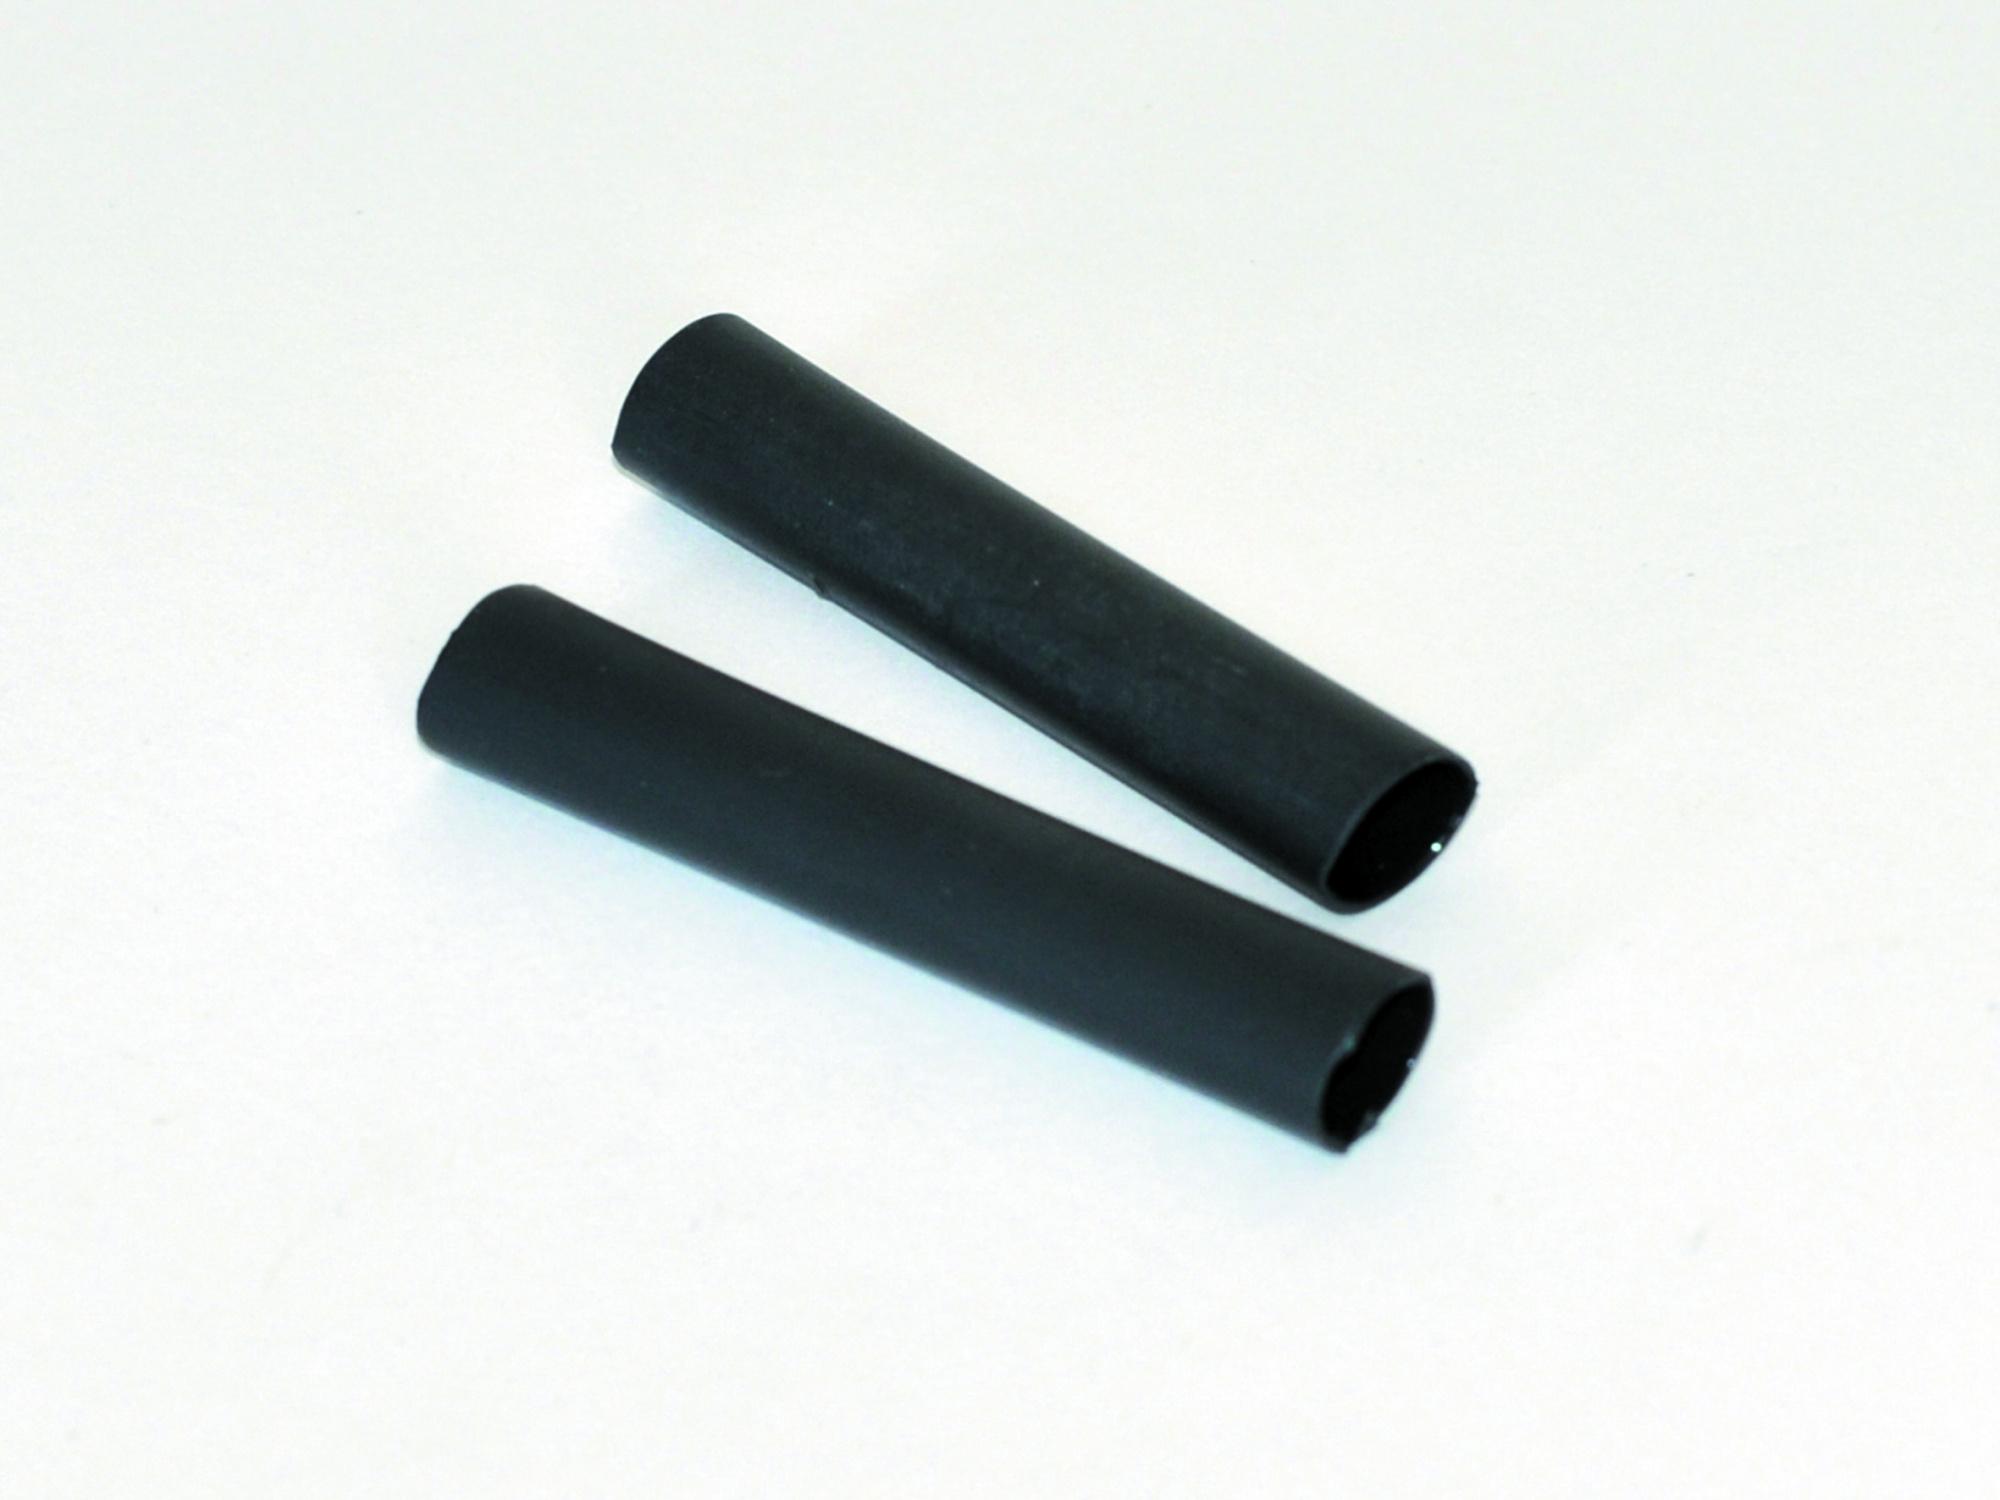 Дополнительный комплект UКK для монтажа теплых полов в стяжку или плиточный клей Caleo КА000000443